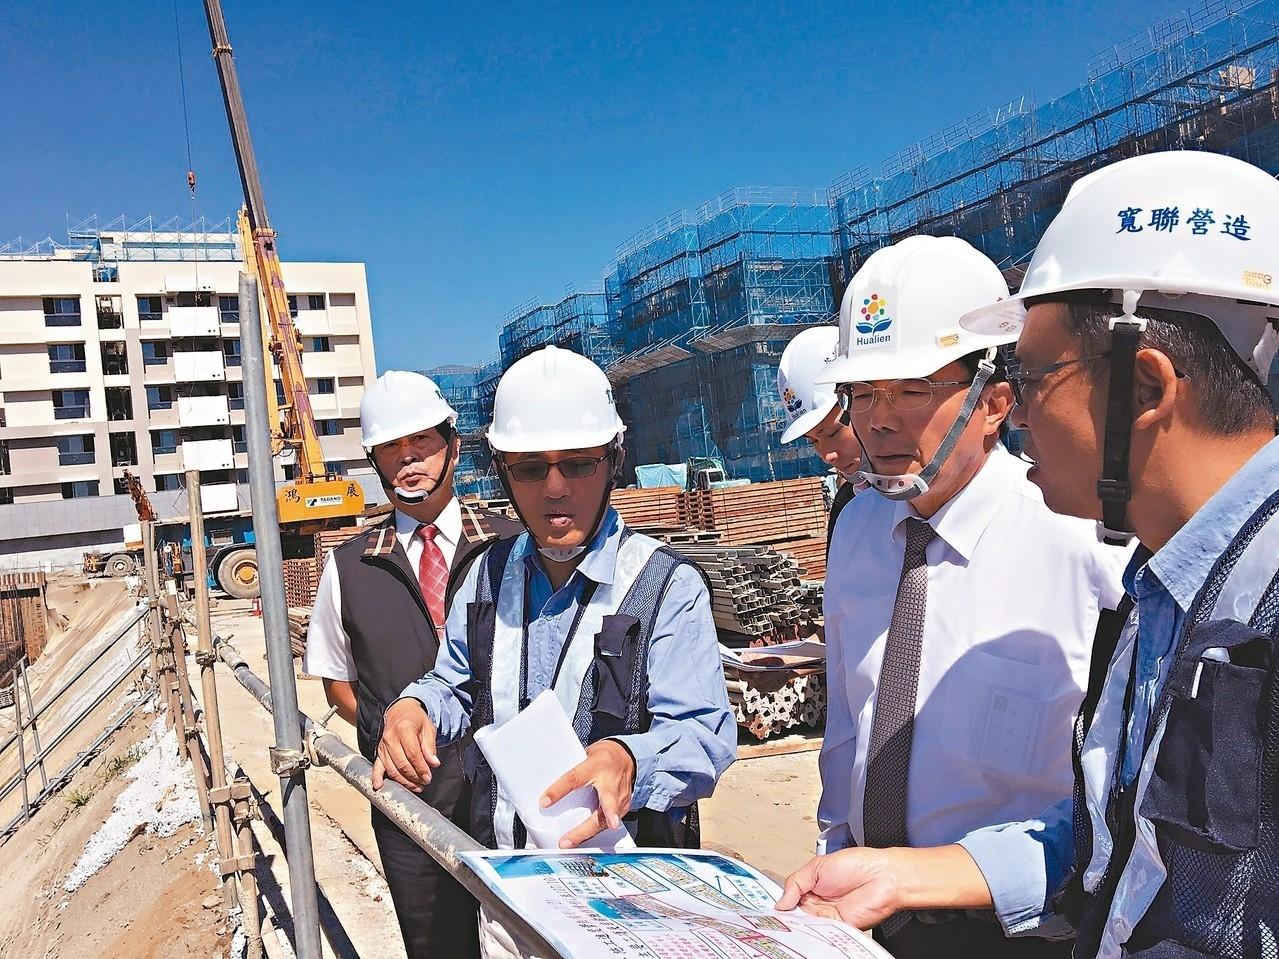 花蓮北埔村青年住宅第一期正在興建。 記者徐庭揚/攝影